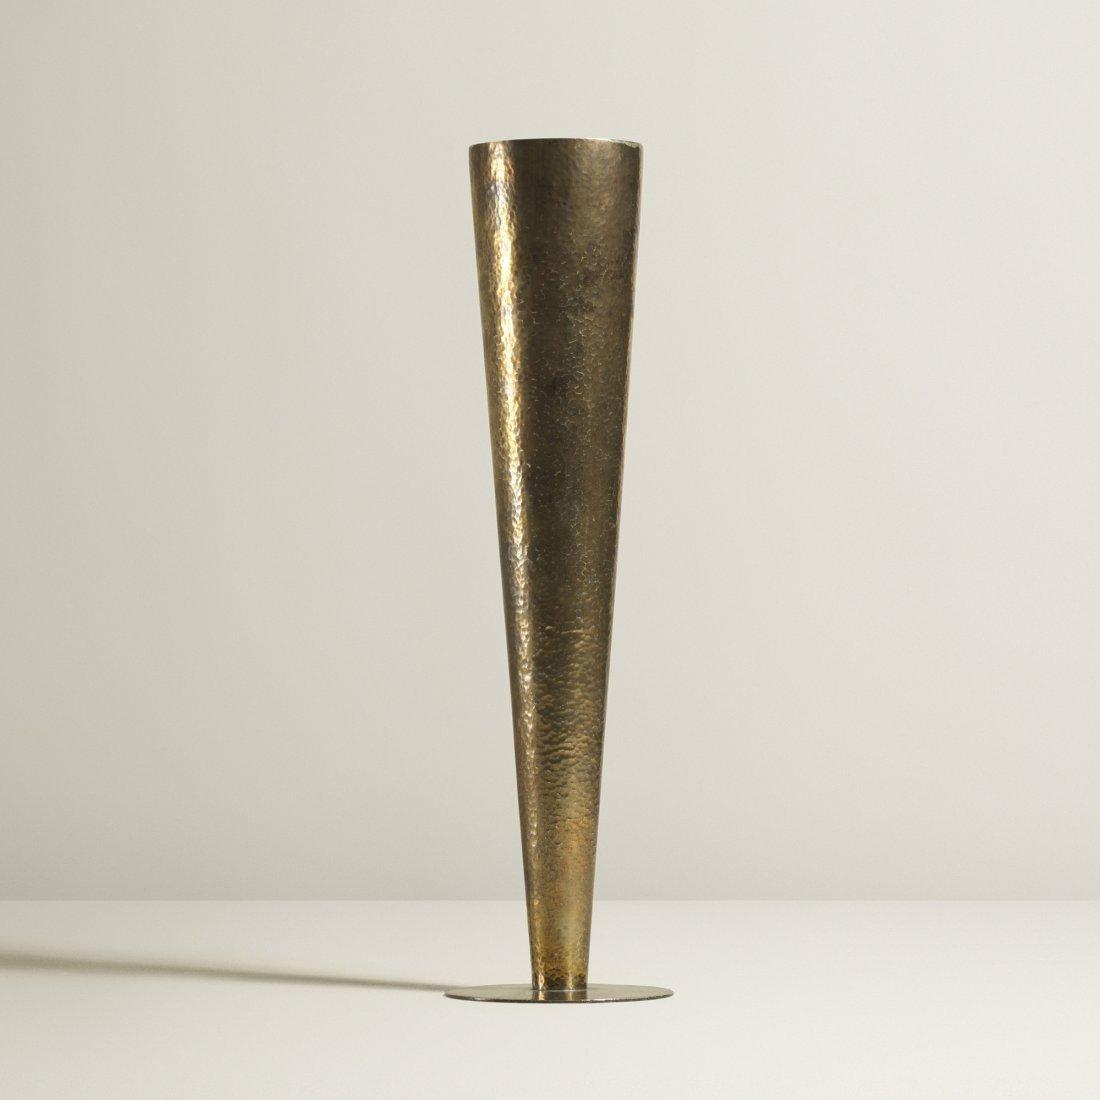 Hagenauer Werkstätte vase